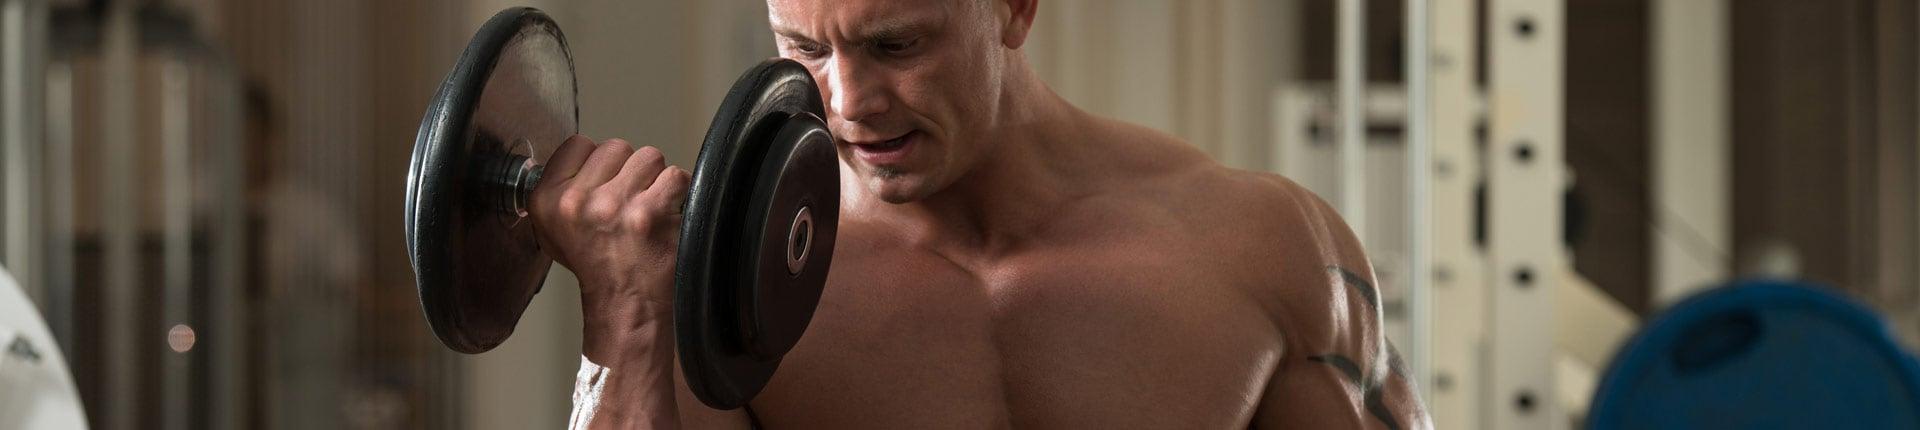 Zakres powtórzeń i jego wpływ na grupy mięśniowe